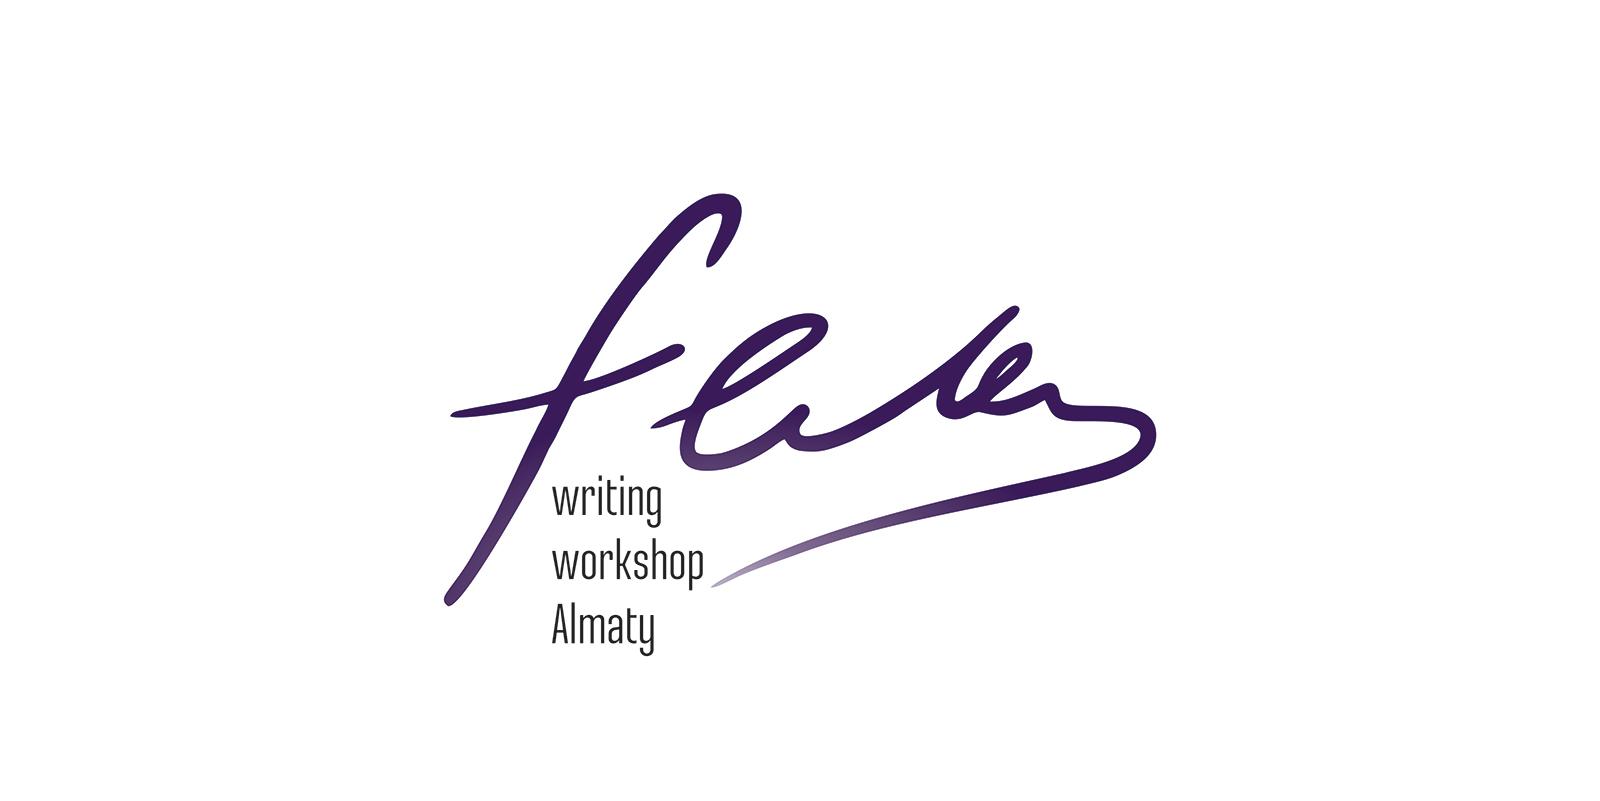 Fem workshop Almaty logo w